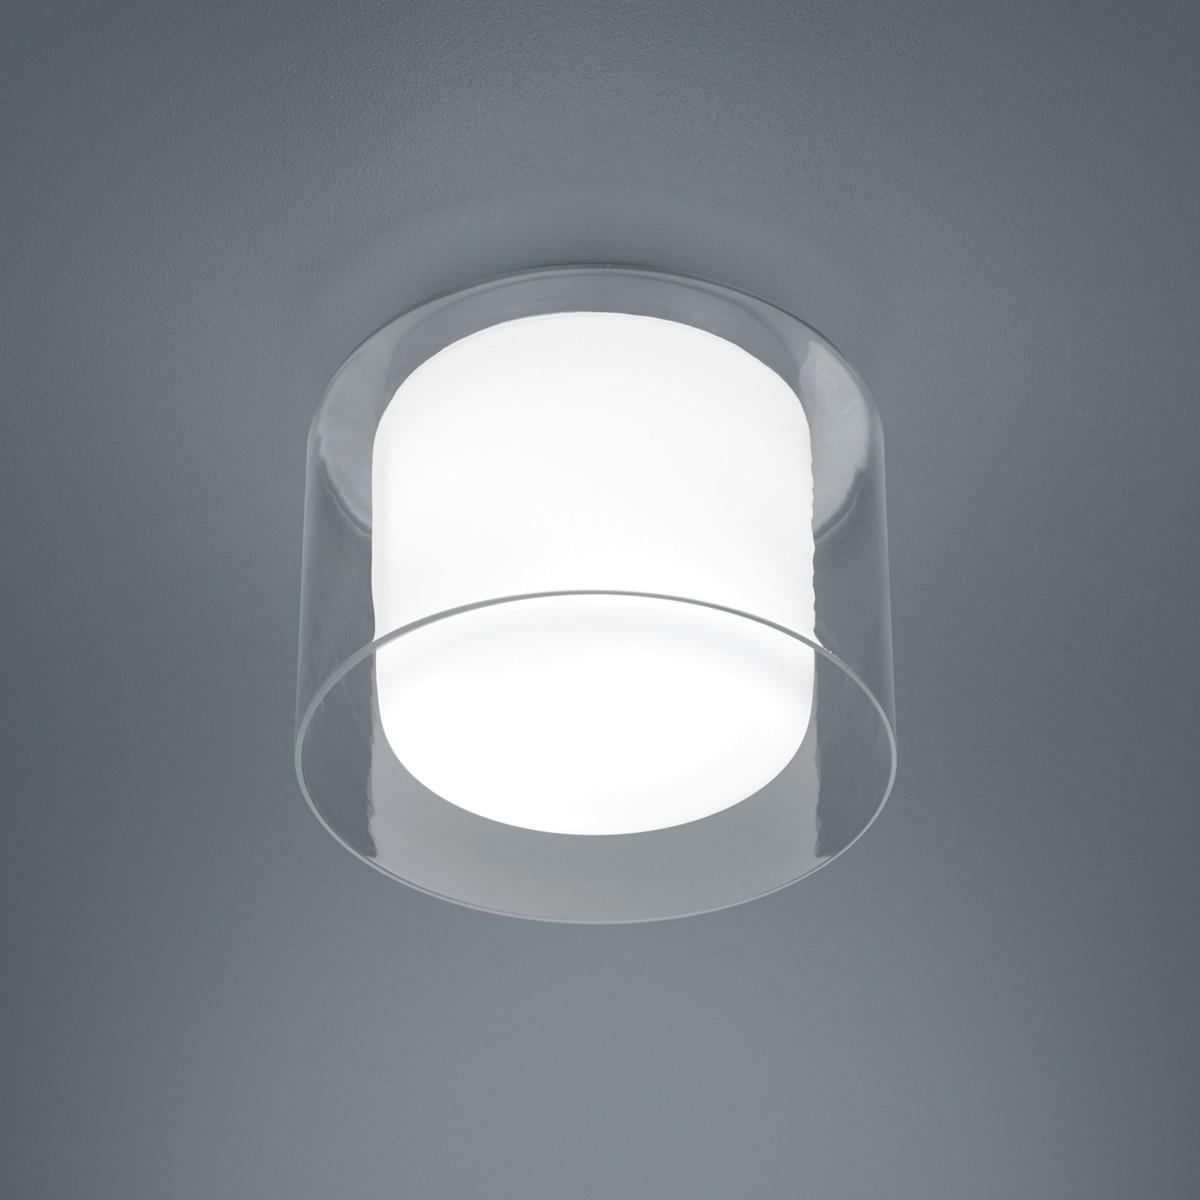 Helestra Olvi Deckenleuchte, Ø: 23 cm, Chrom - Innenglas: Opal weiß / Außenglas: klar